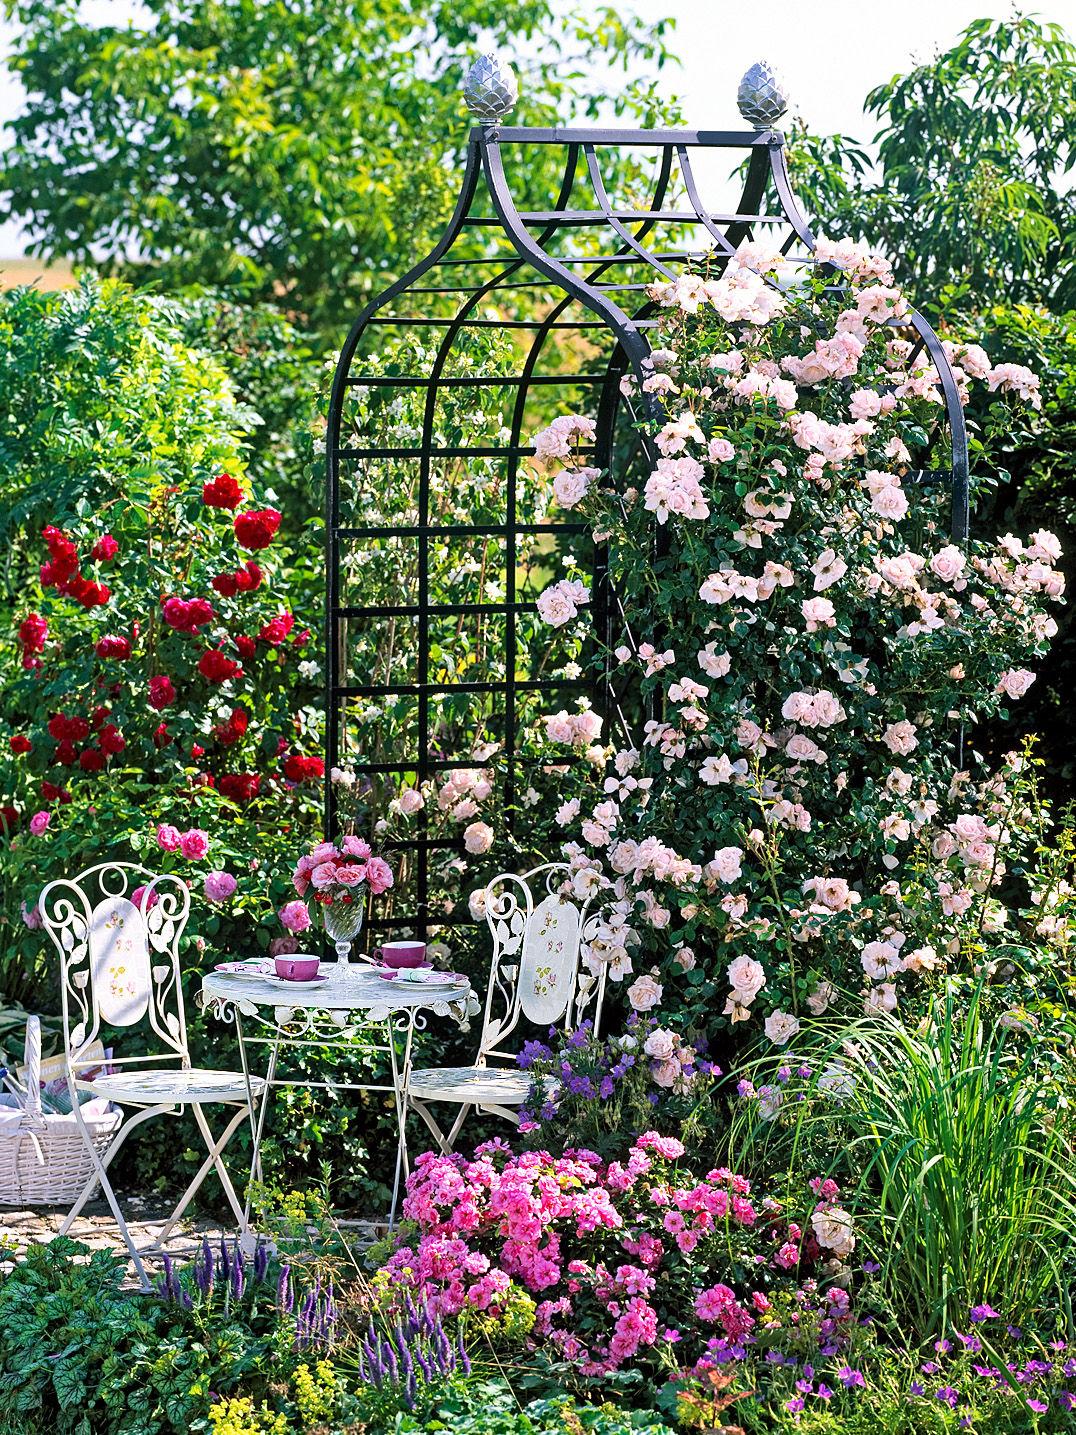 00230920180116 gartengestaltung kleine g rten planung for Gartengestaltung 150 qm